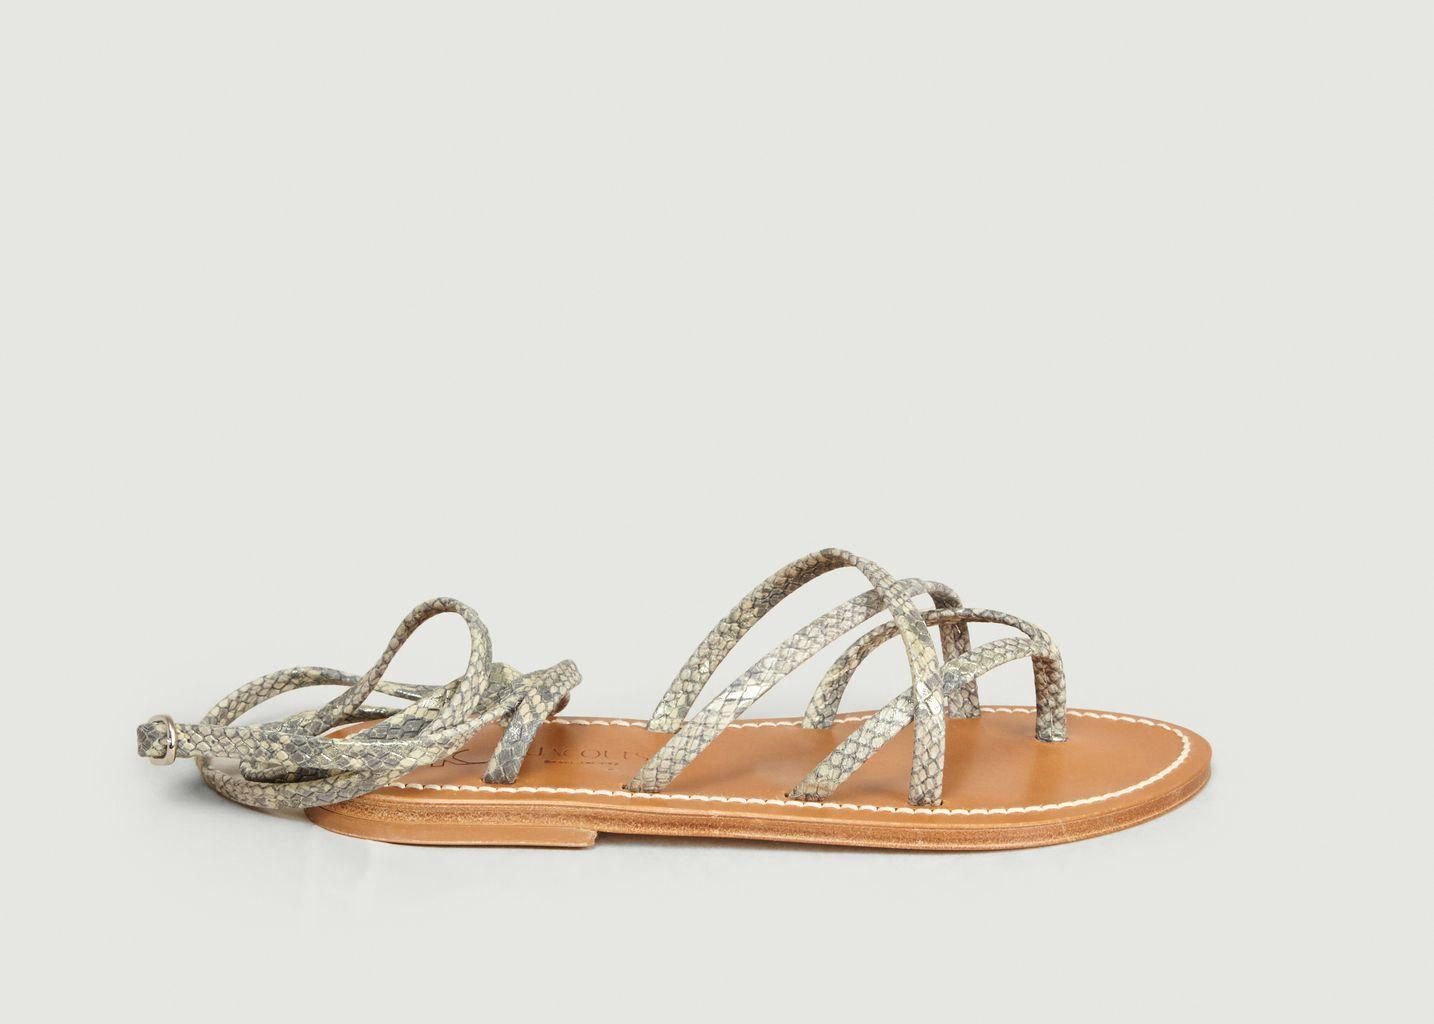 Sandales en cuir Zénobie - K Jacques